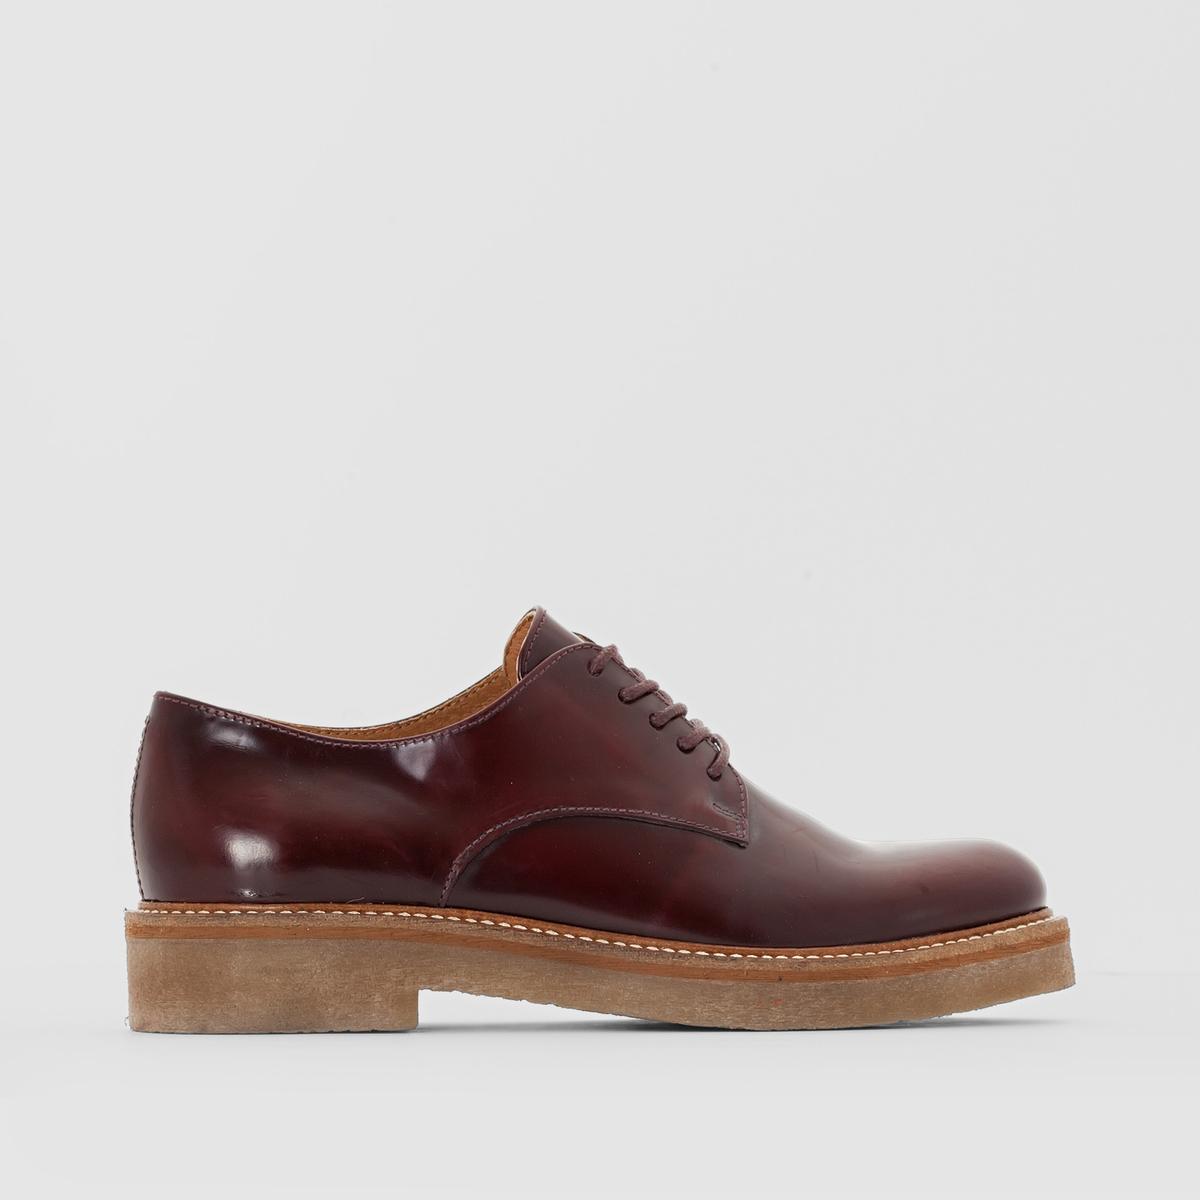 Ботинки-дерби кожаные Oxford ботинки дерби под кожу питона